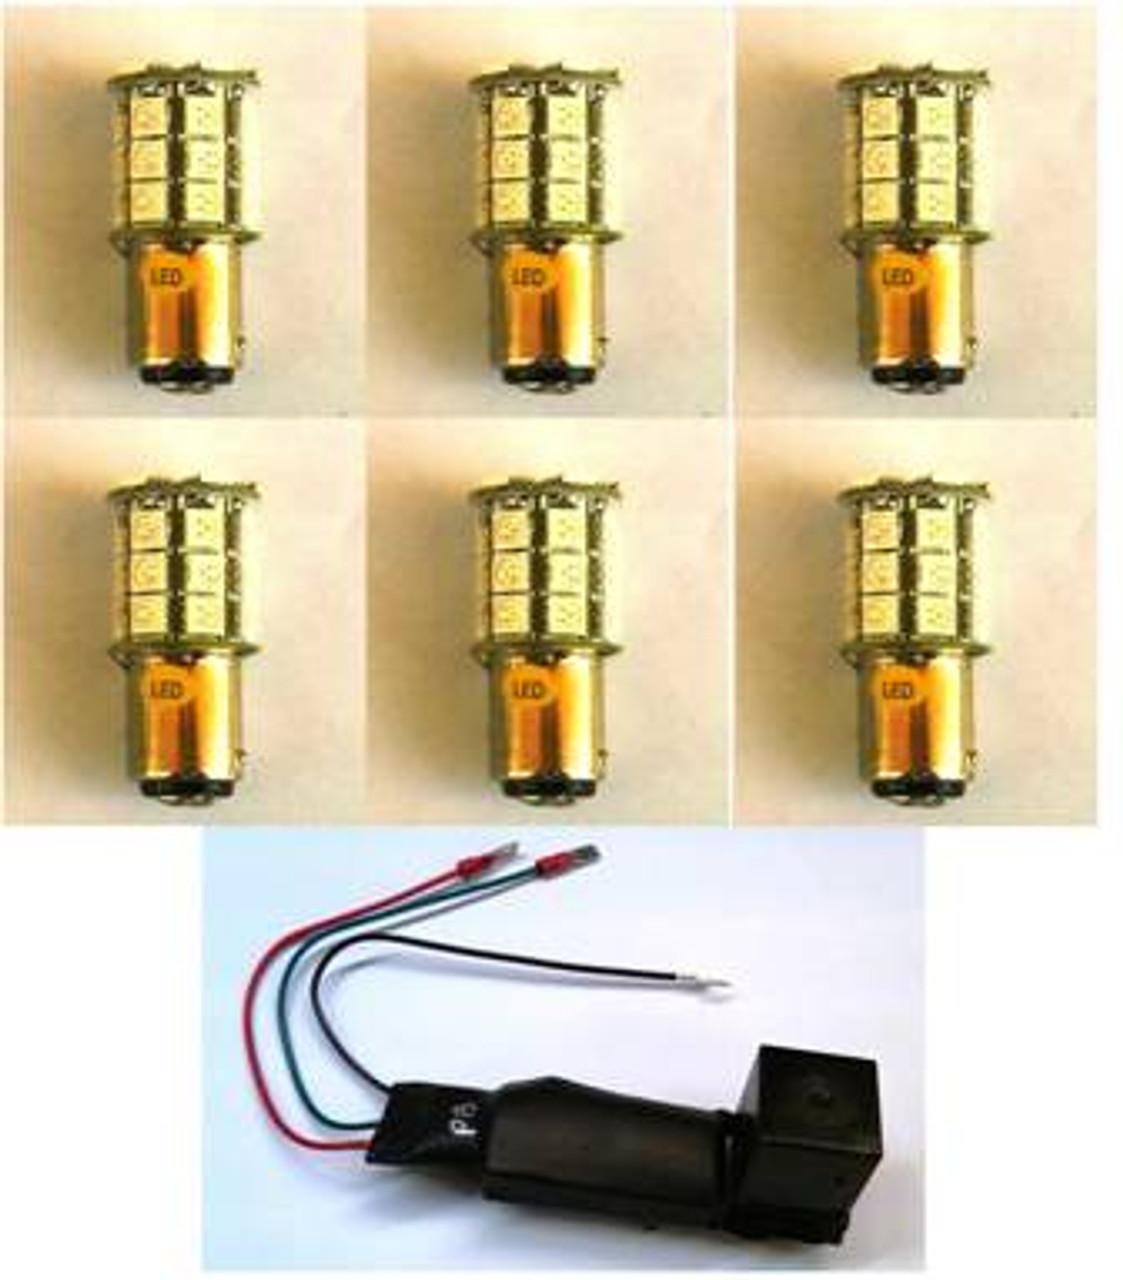 Impala LED Sequential Tail light Kit - MP-63-IMP-SEQ-BKUP LED